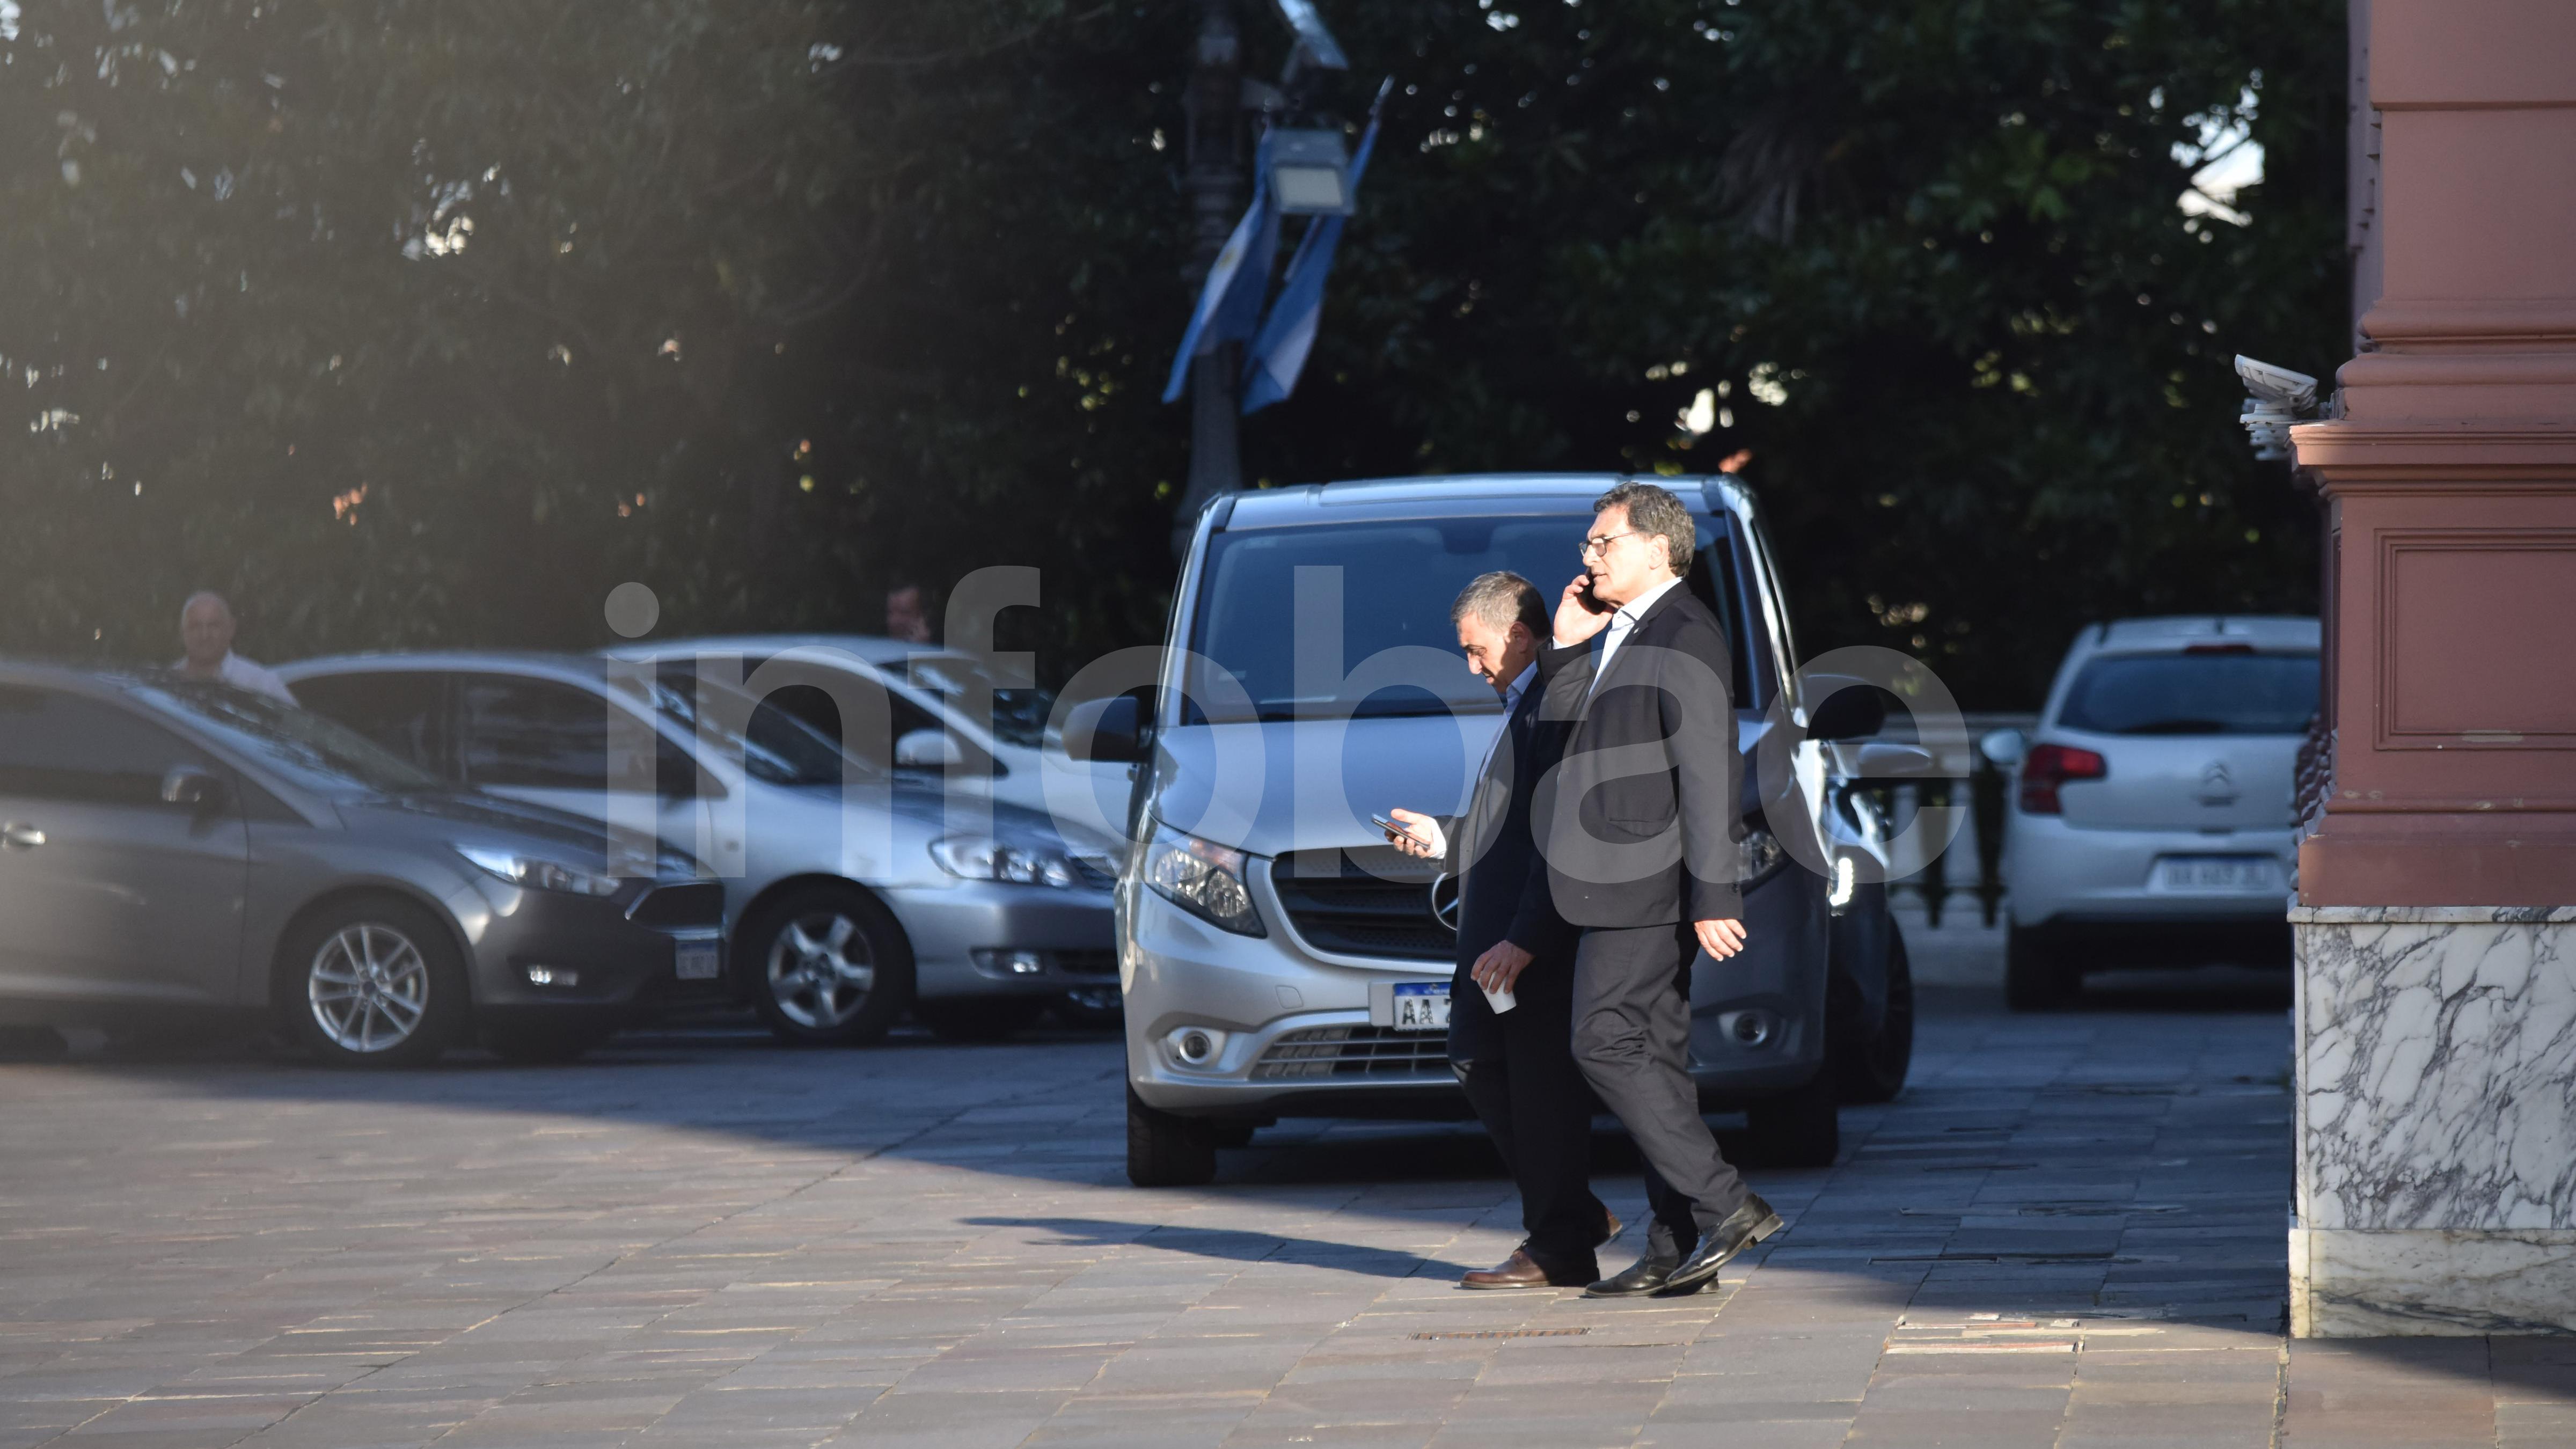 Pasadas las 9.30 había comenzado la última reunión de gabinete con todos los integrantes del Gobierno, en una rutina que durante su gestión Macri repitió entre una y dos veces por semana.